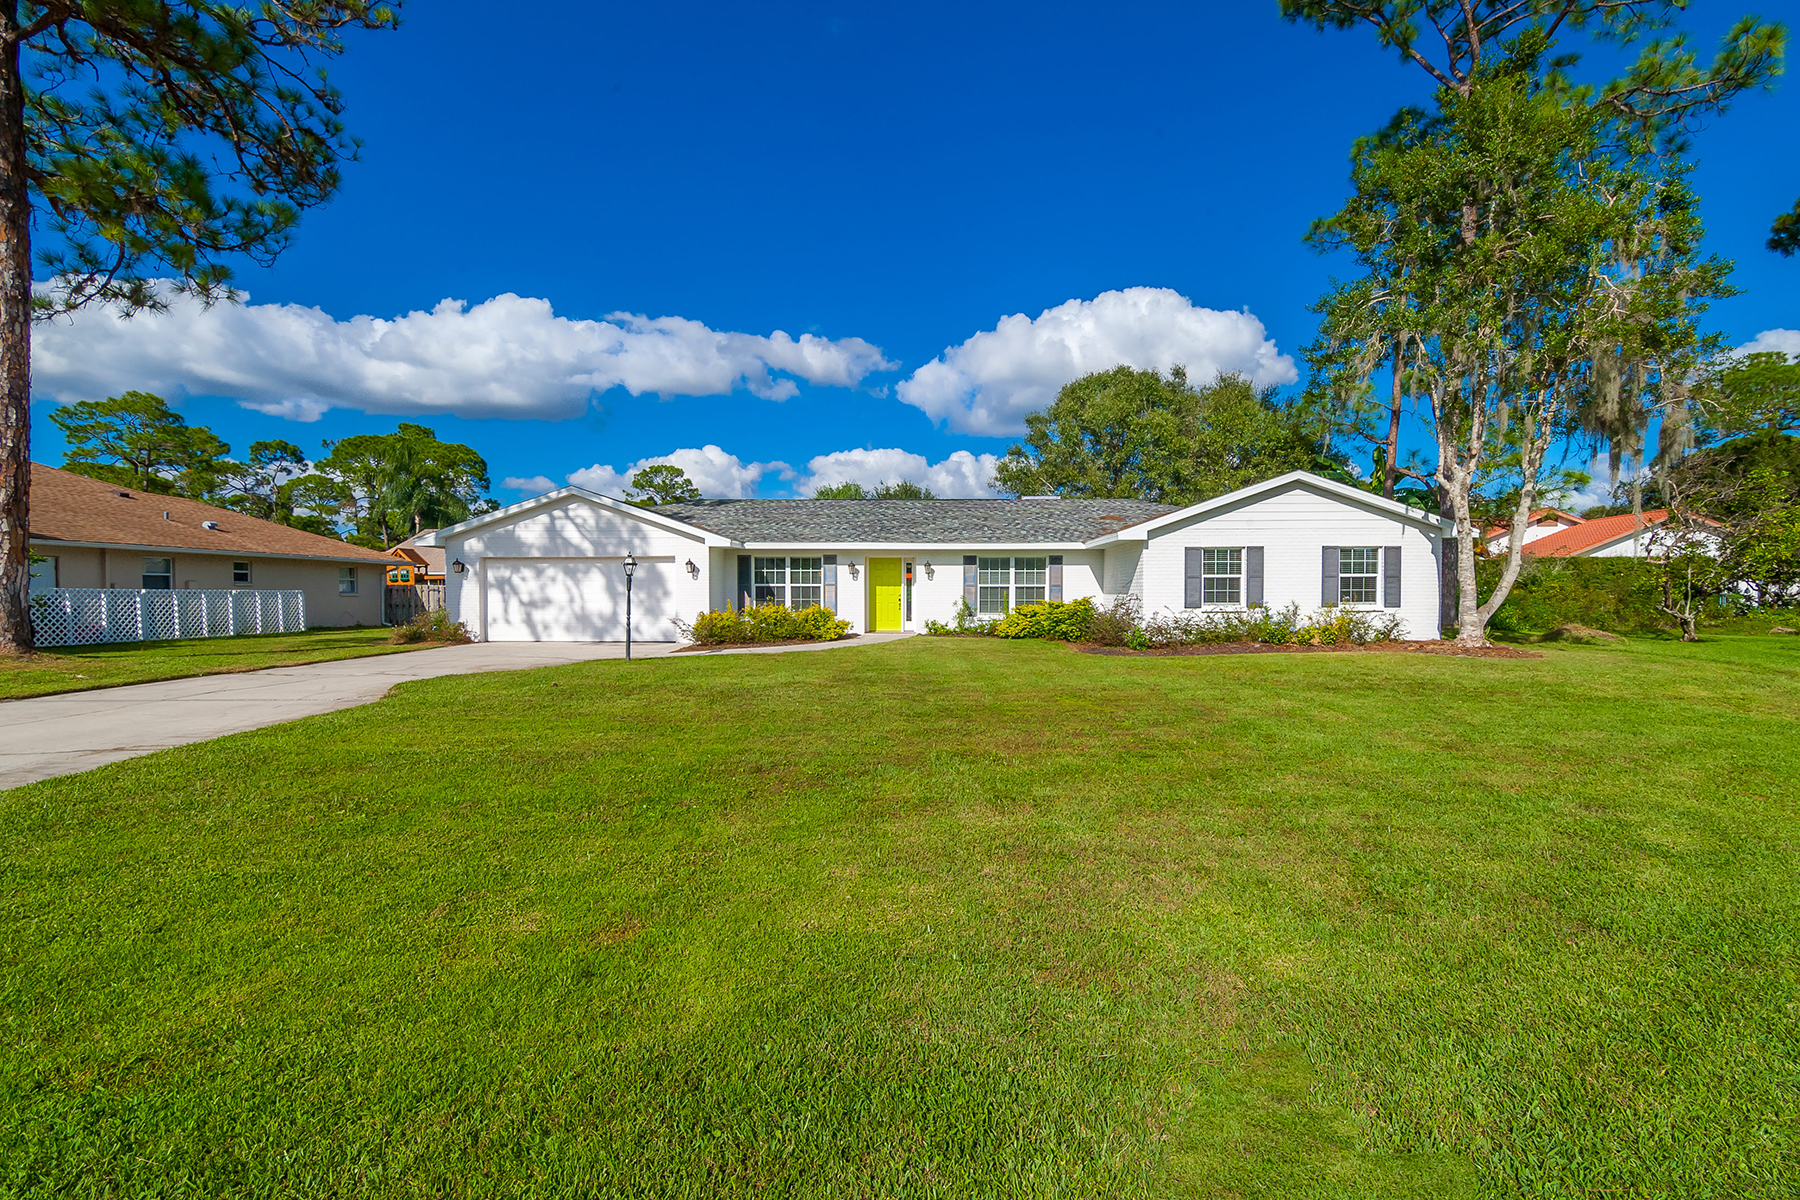 独户住宅 为 销售 在 BENT TREE 4245 Boswell Pl 萨拉索塔, 佛罗里达州 34241 美国